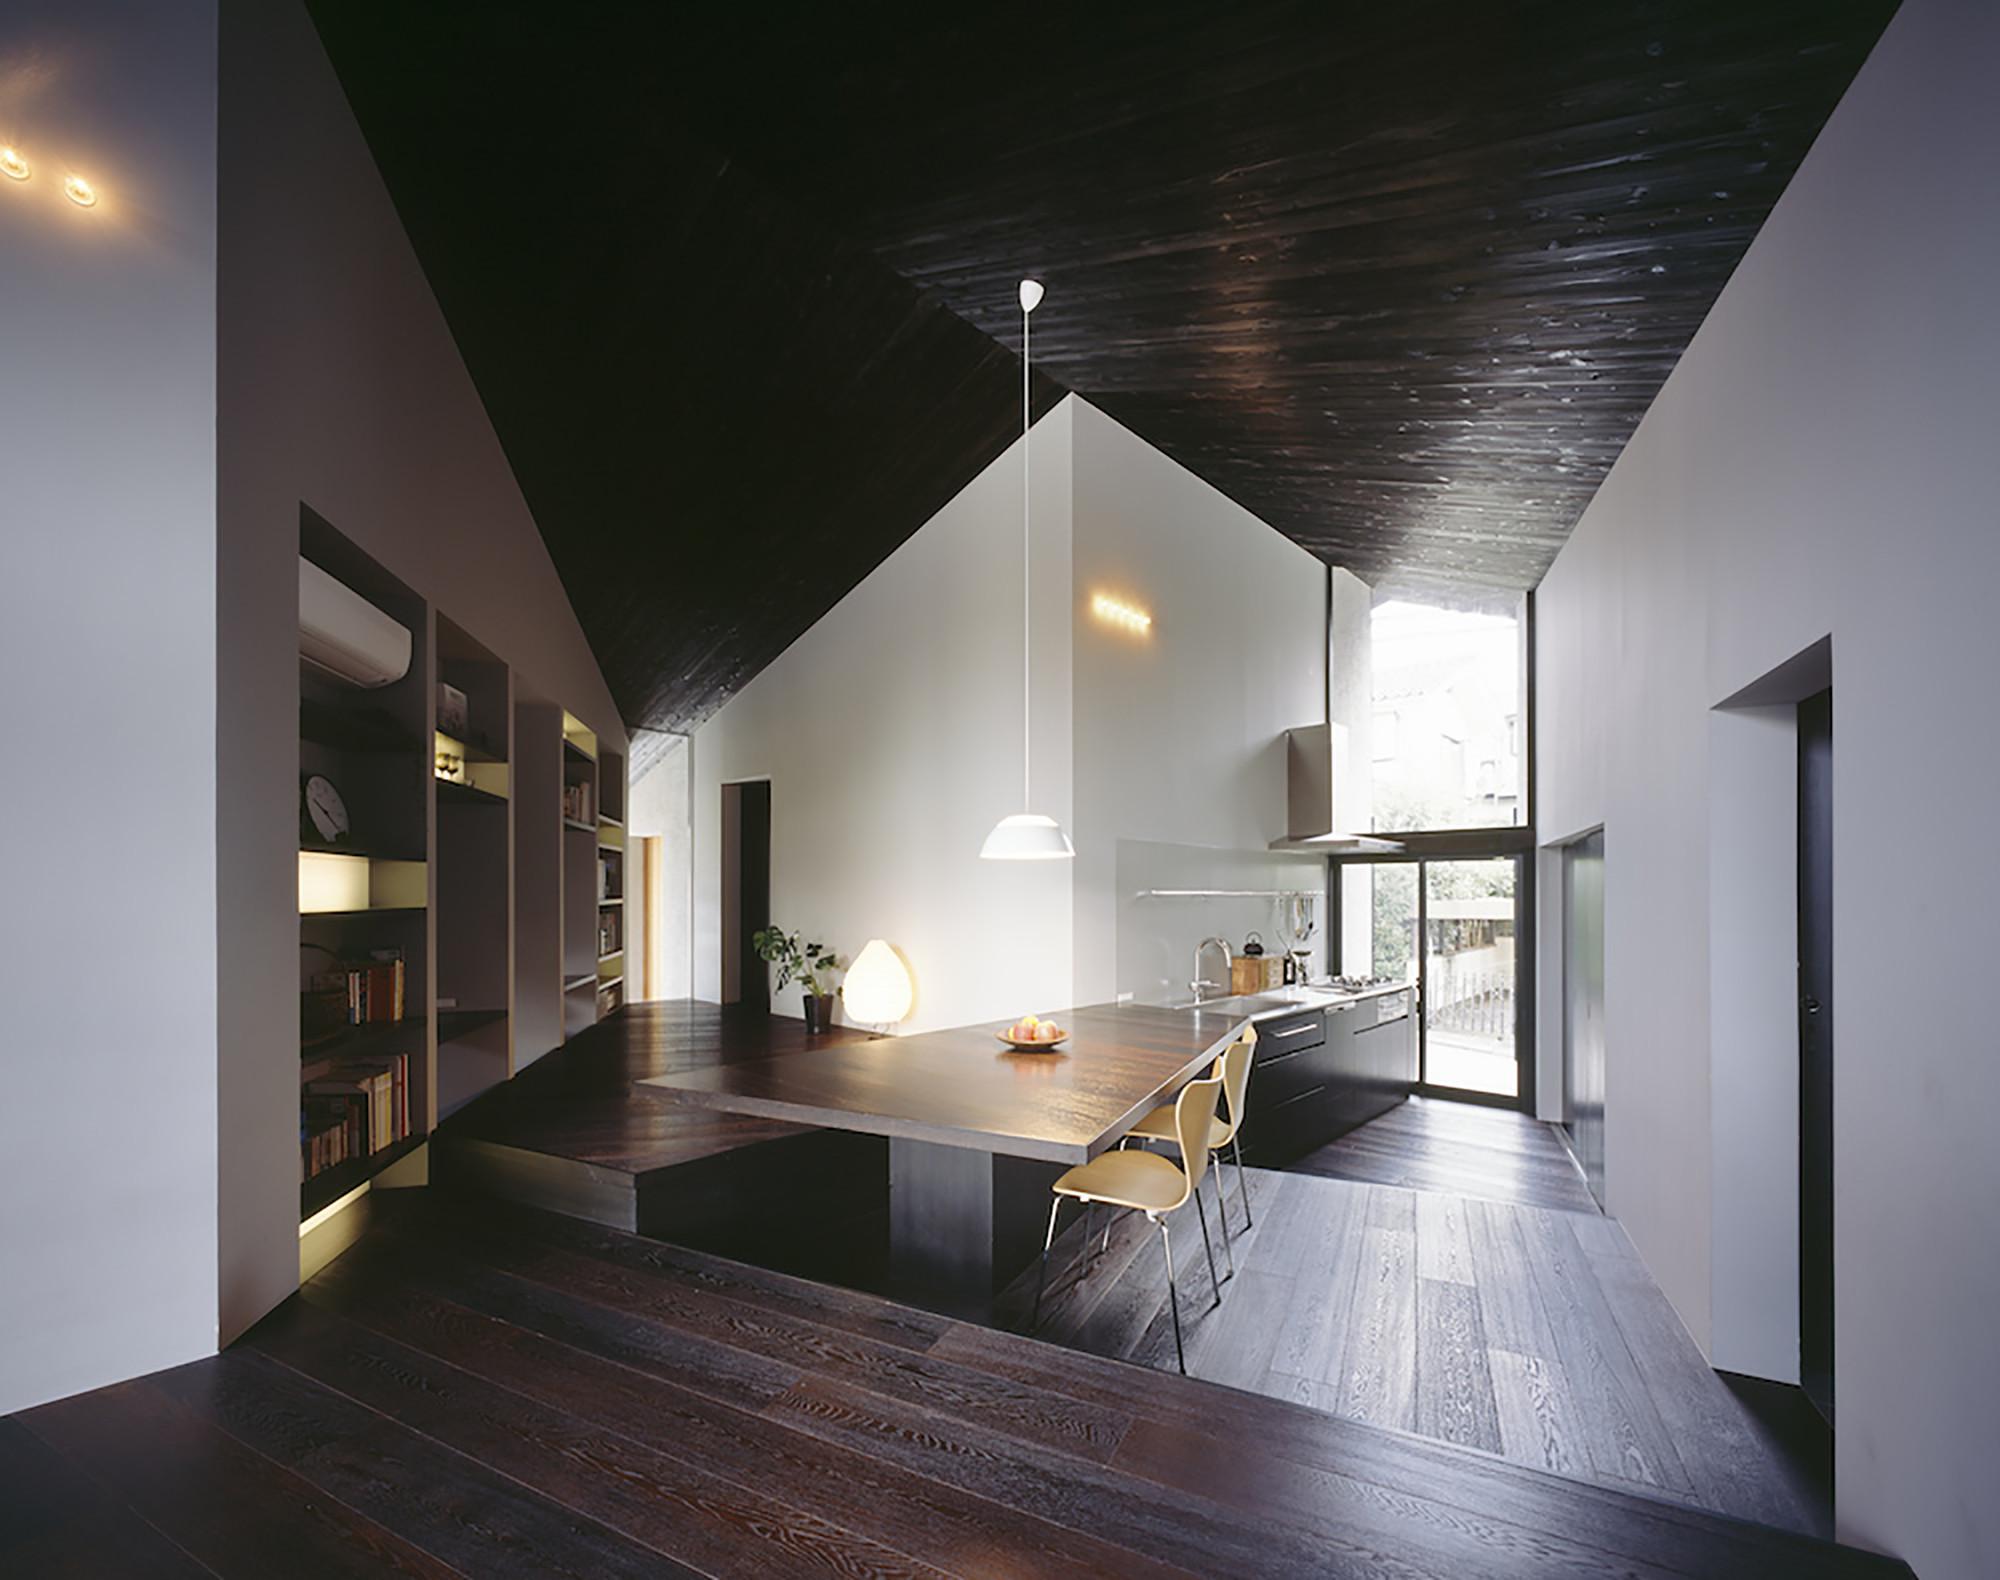 Naruse House / MDS, © Masao Nishikawa